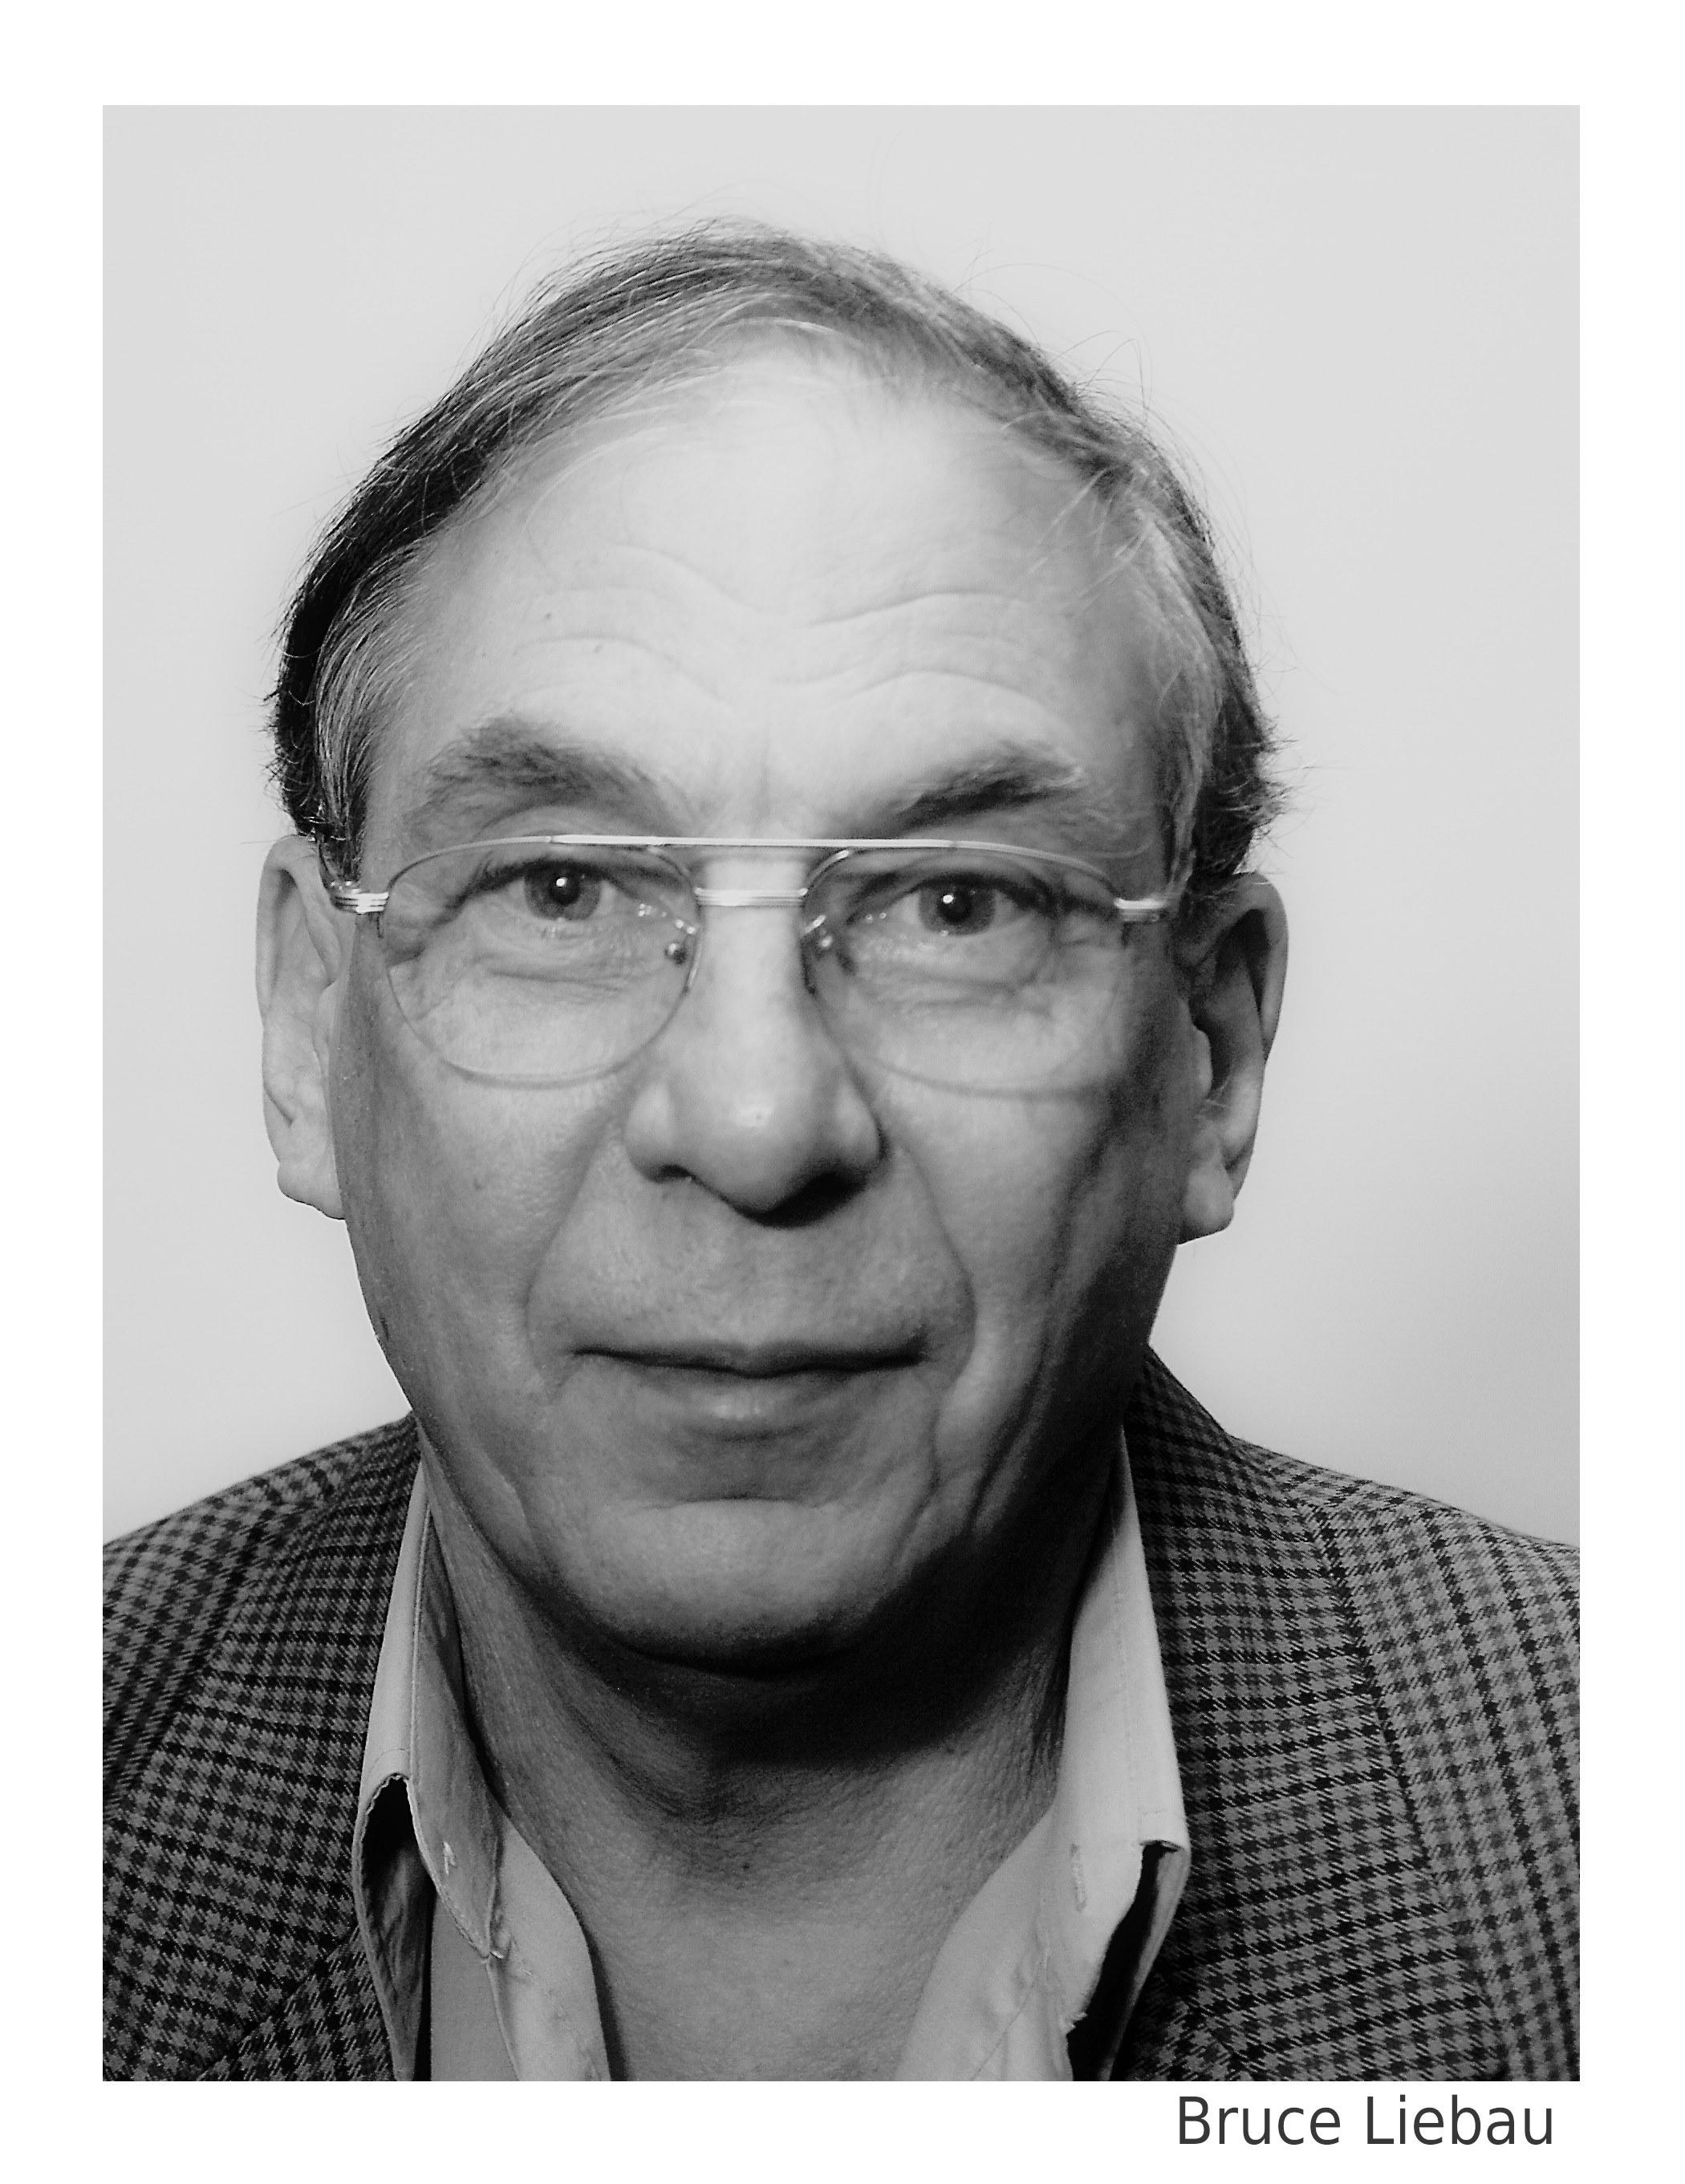 Bruce Liebau